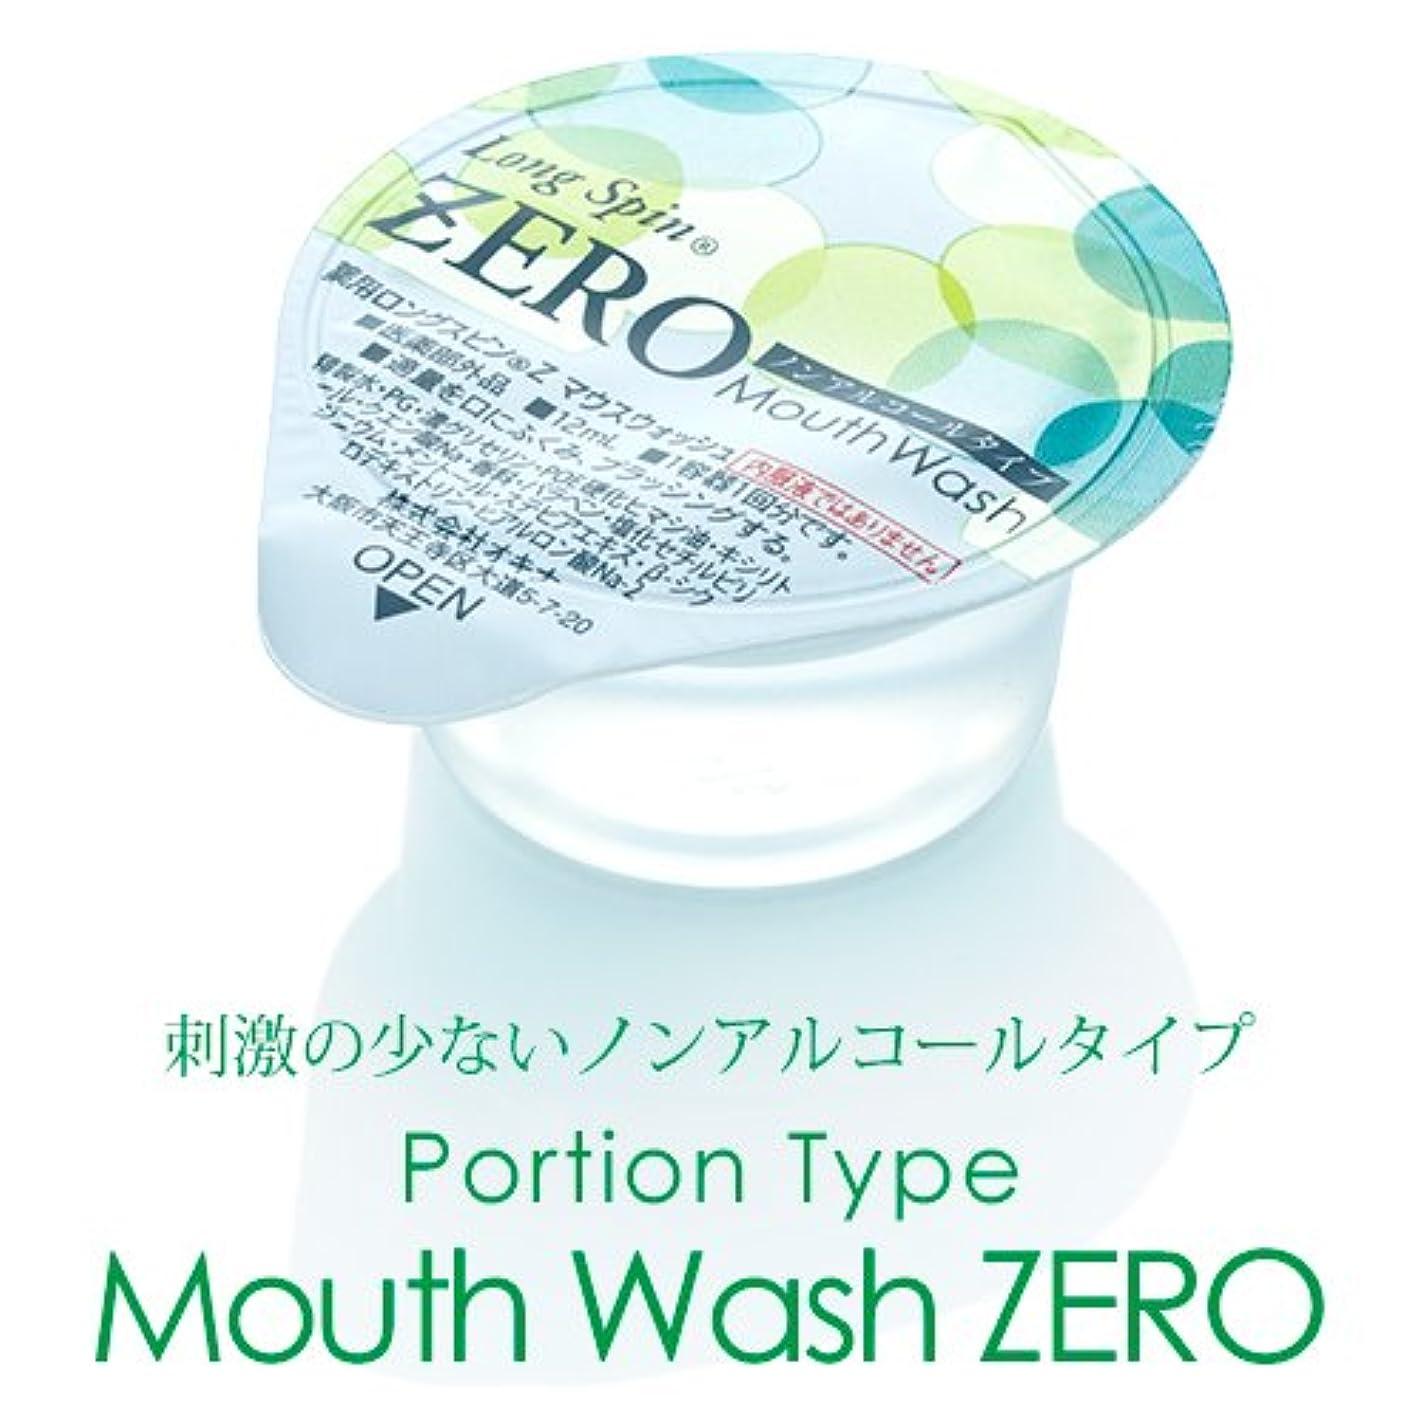 議題静的受益者薬用マウスウォッシュ Long Spin(ロングスピン) ZERO 1箱(100個) 【医薬部外品】